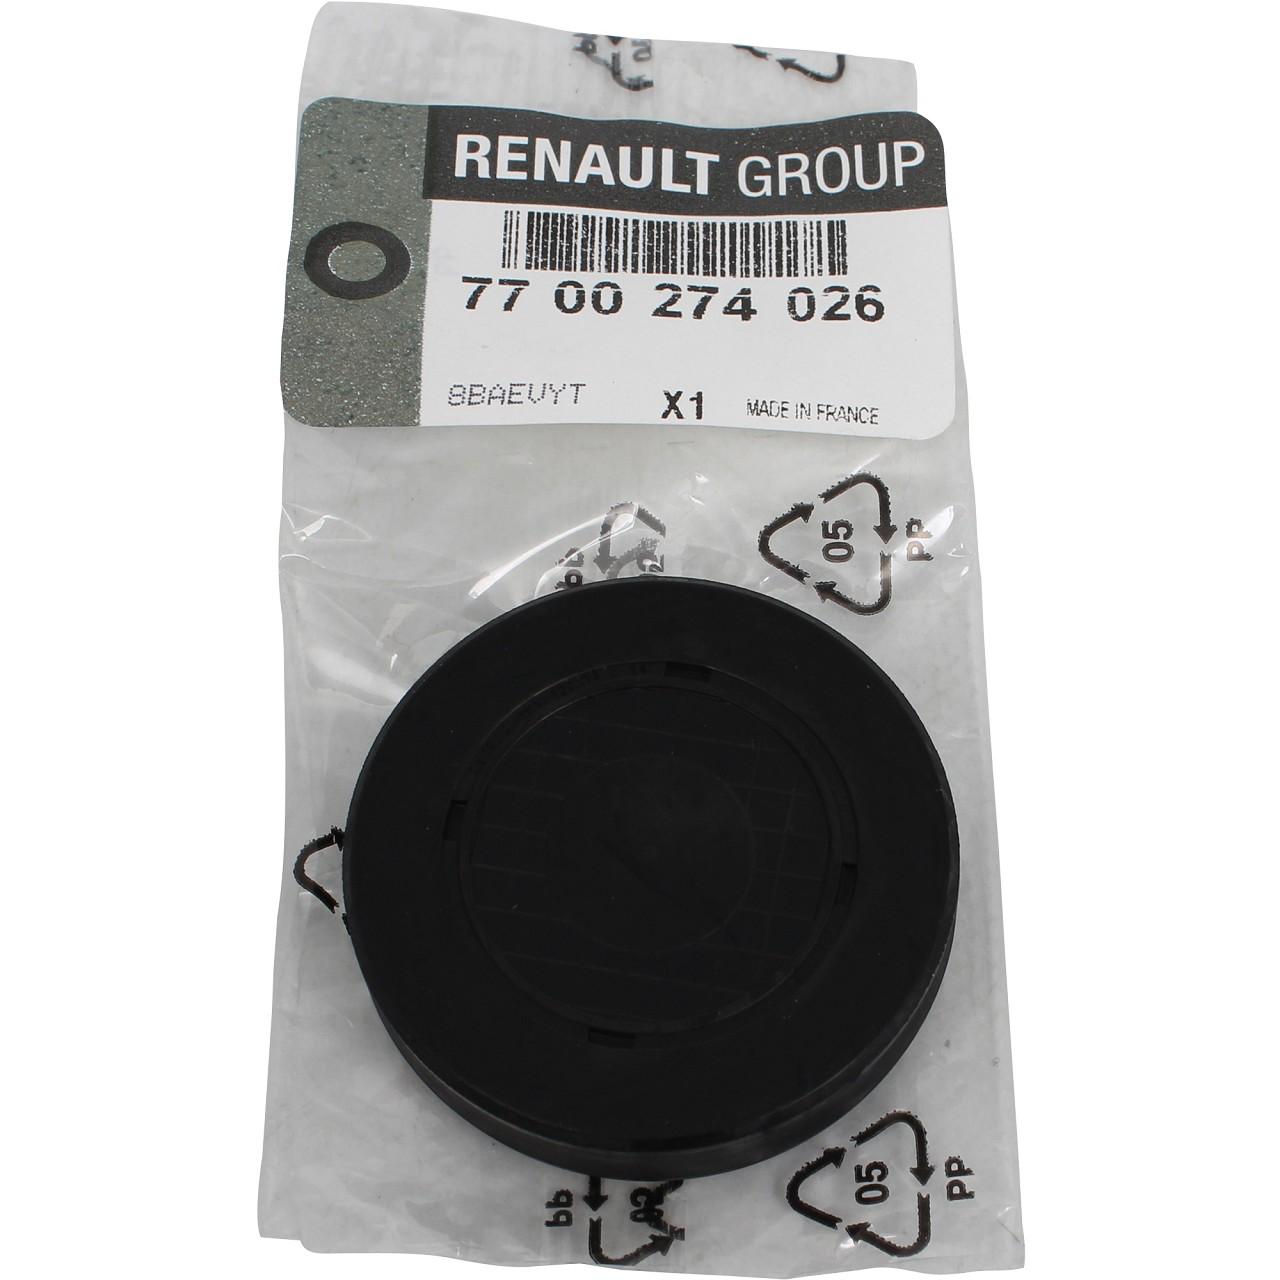 ORIGINAL Renault Stopfen Kipphebelwellen-Montagebohrung 7700274026